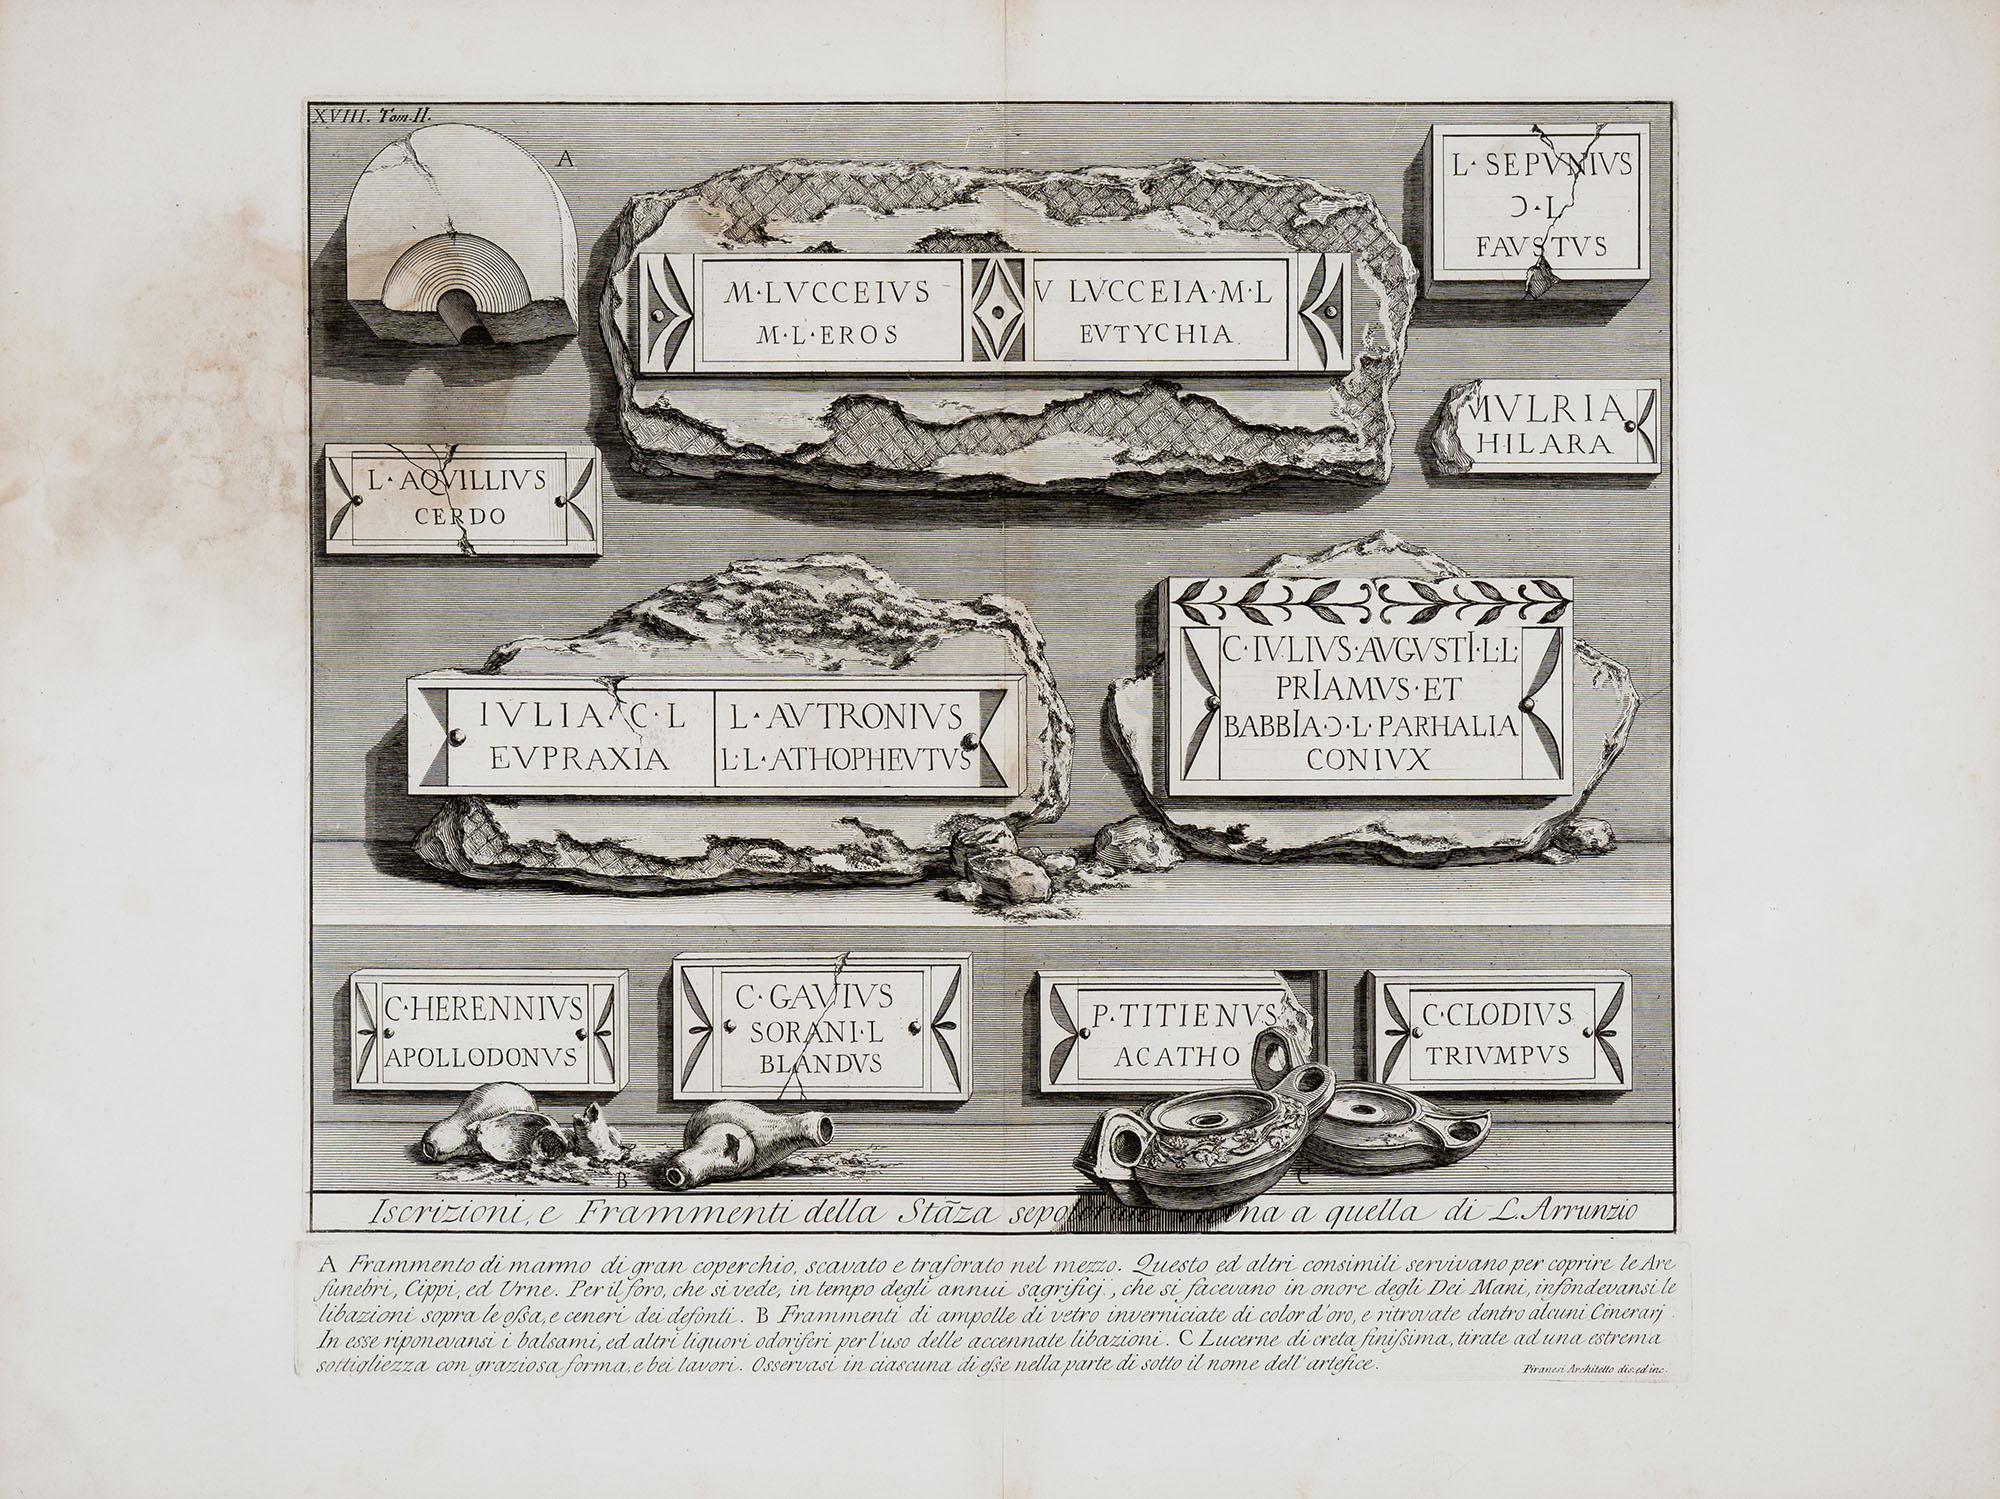 33. Iscrizioni e Frammenti della Stanza sepolcrale vicina a quella di L. Arrunzio